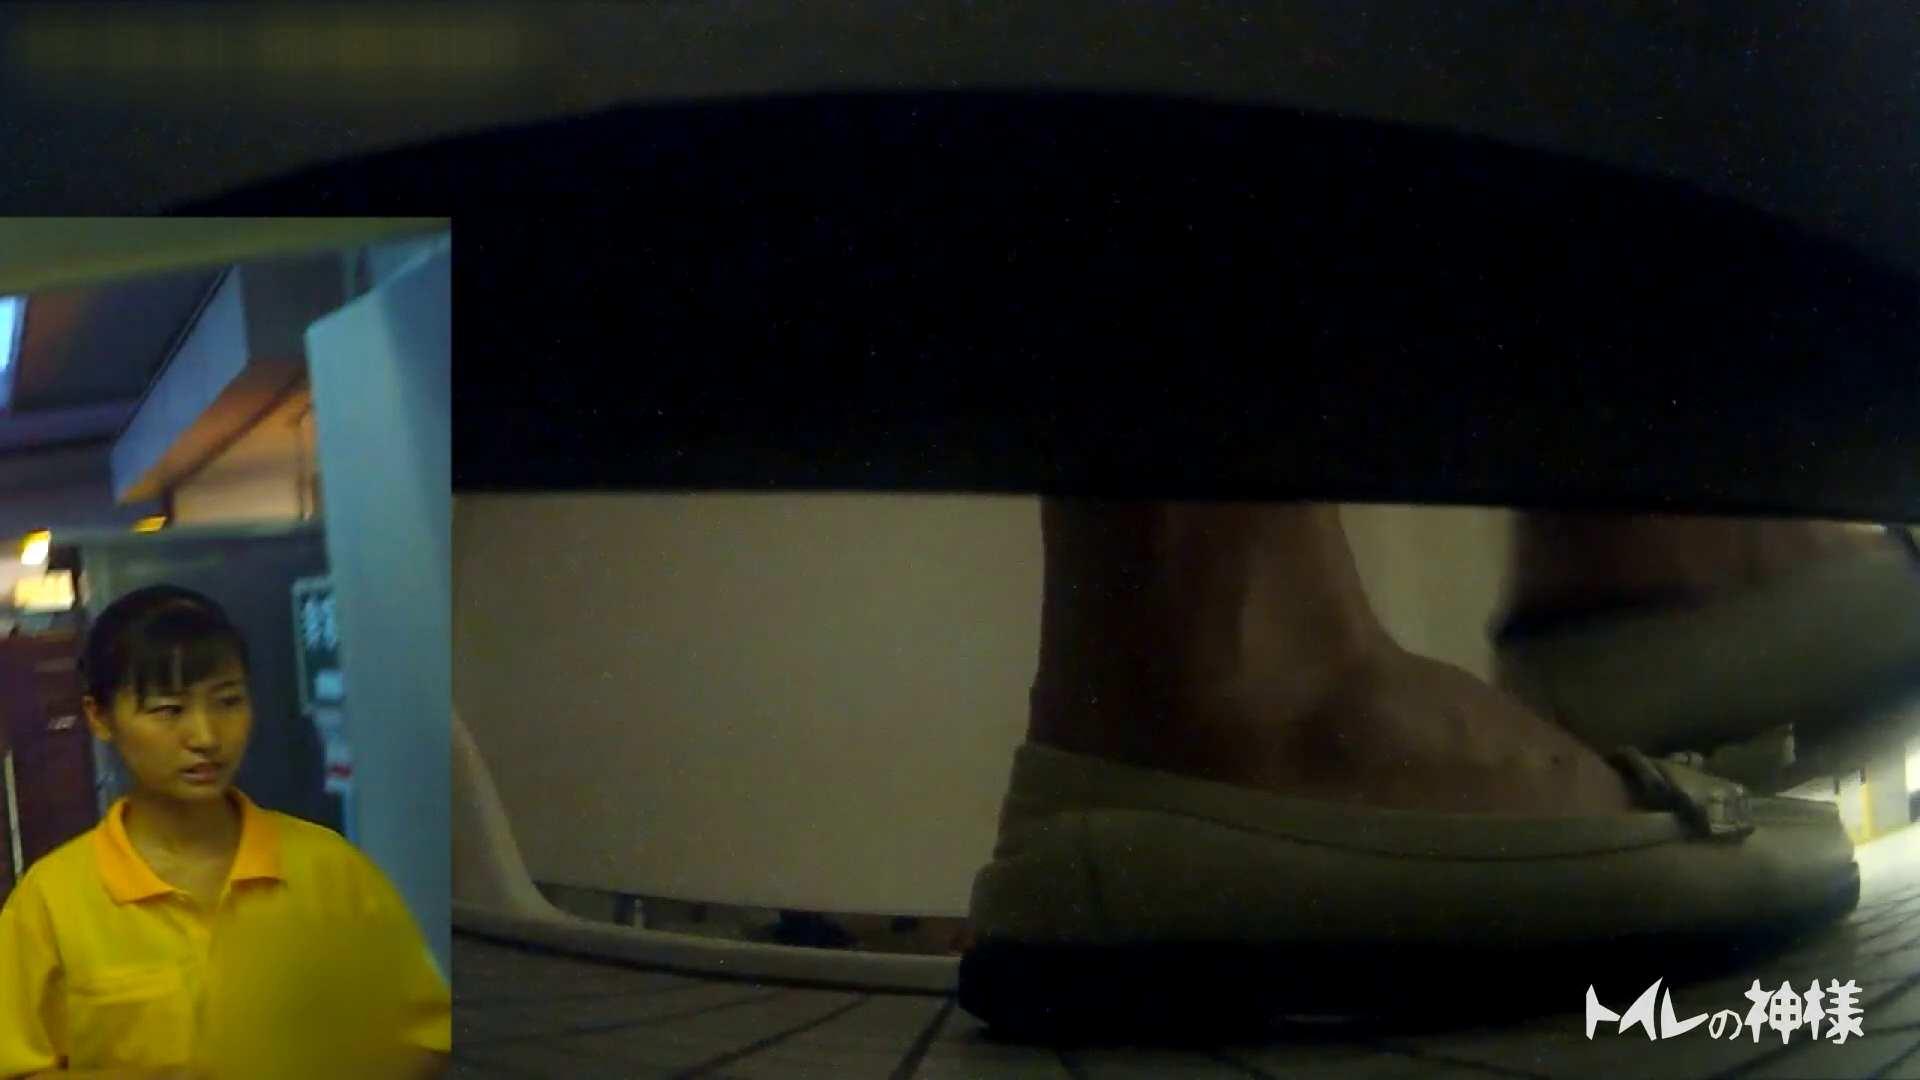 ▲2017_28位▲ ビアガーデン!美人が6人!トイレの神様 Vol.11 美肌 ぱこり動画紹介 104画像 71